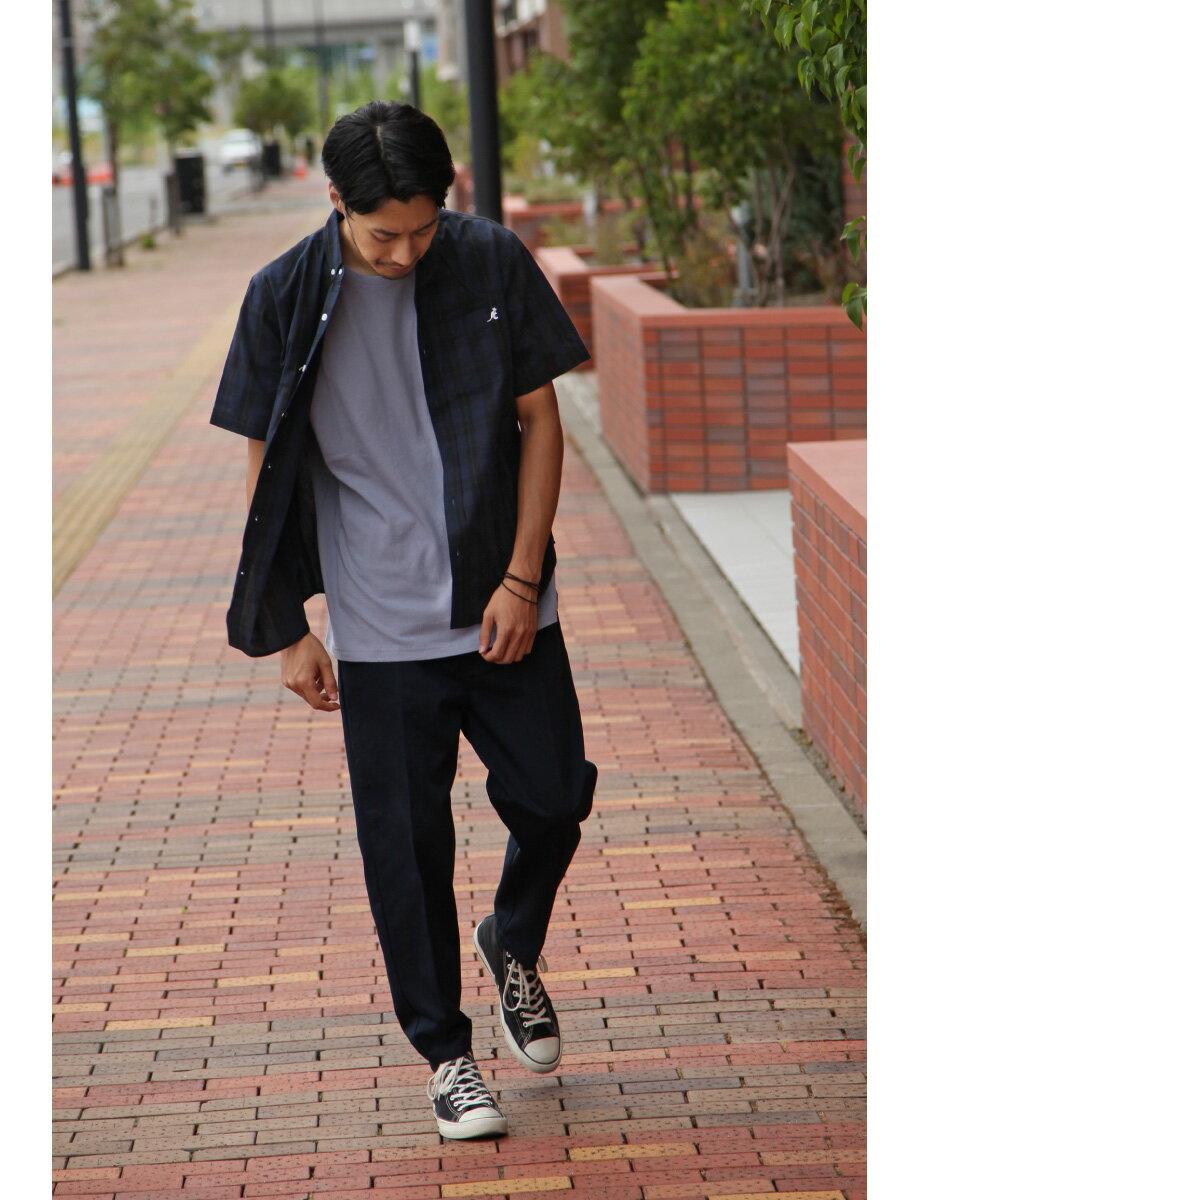 短袖釦領襯衫 KANGOL聯名款 7